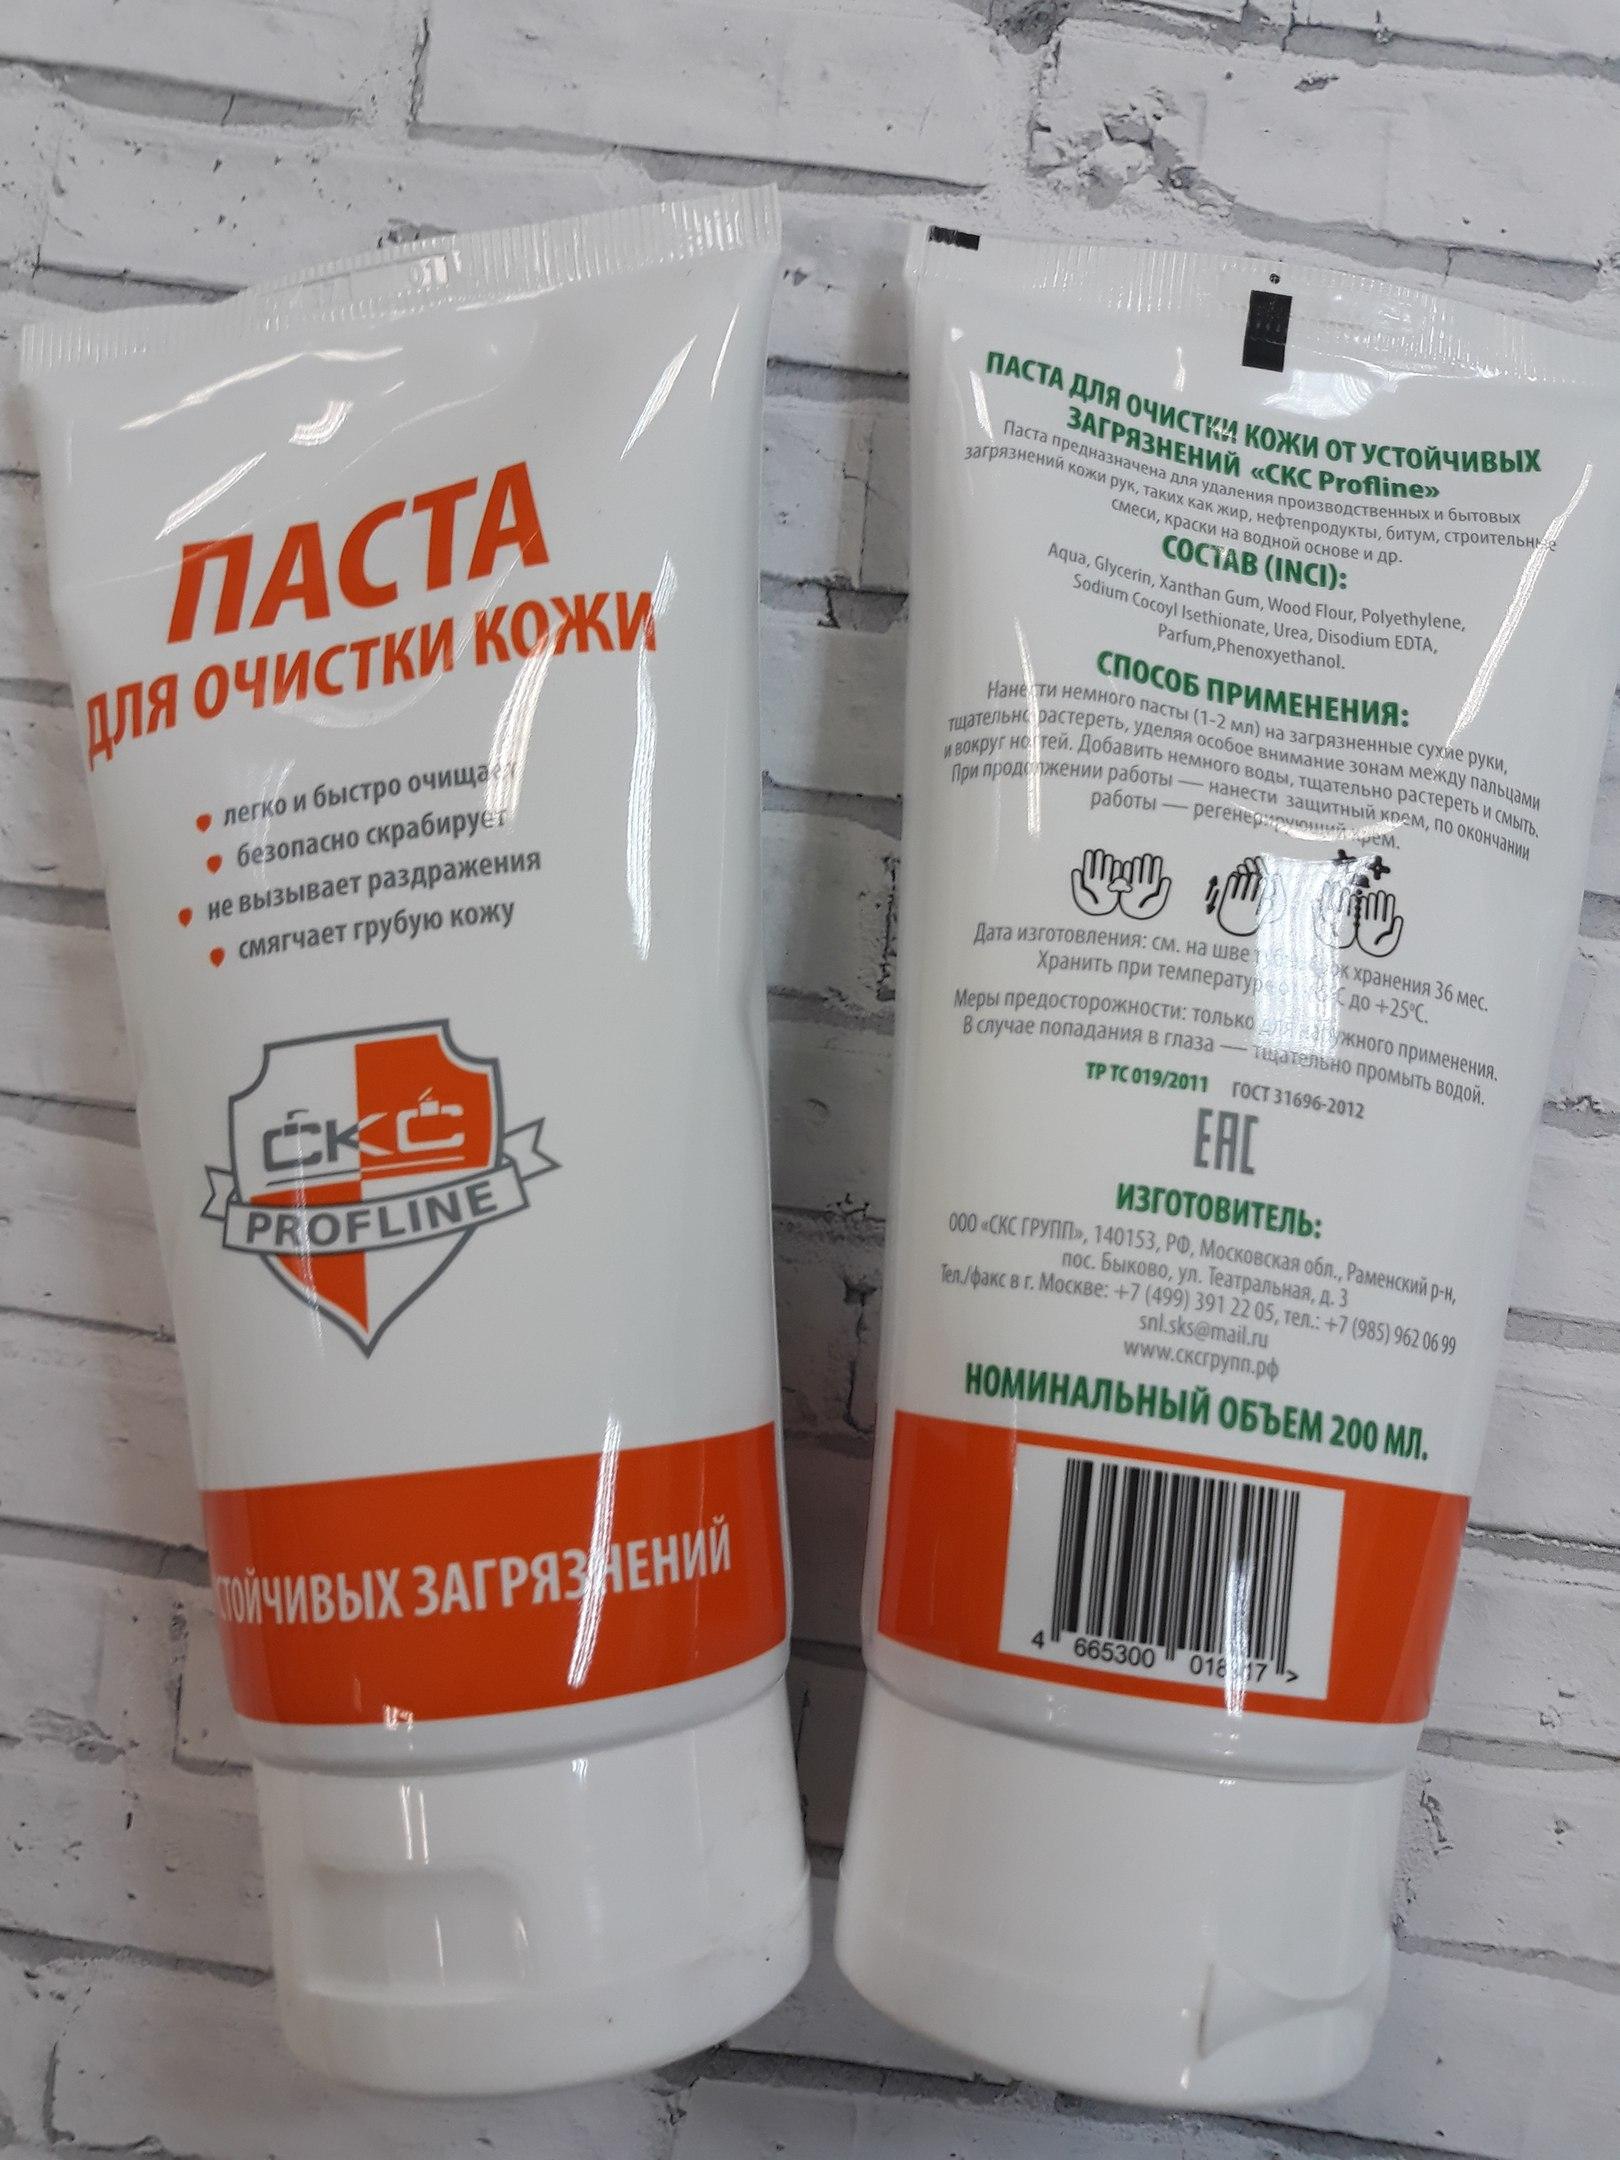 Паста для очистки кожи от устойчивых загрязнений